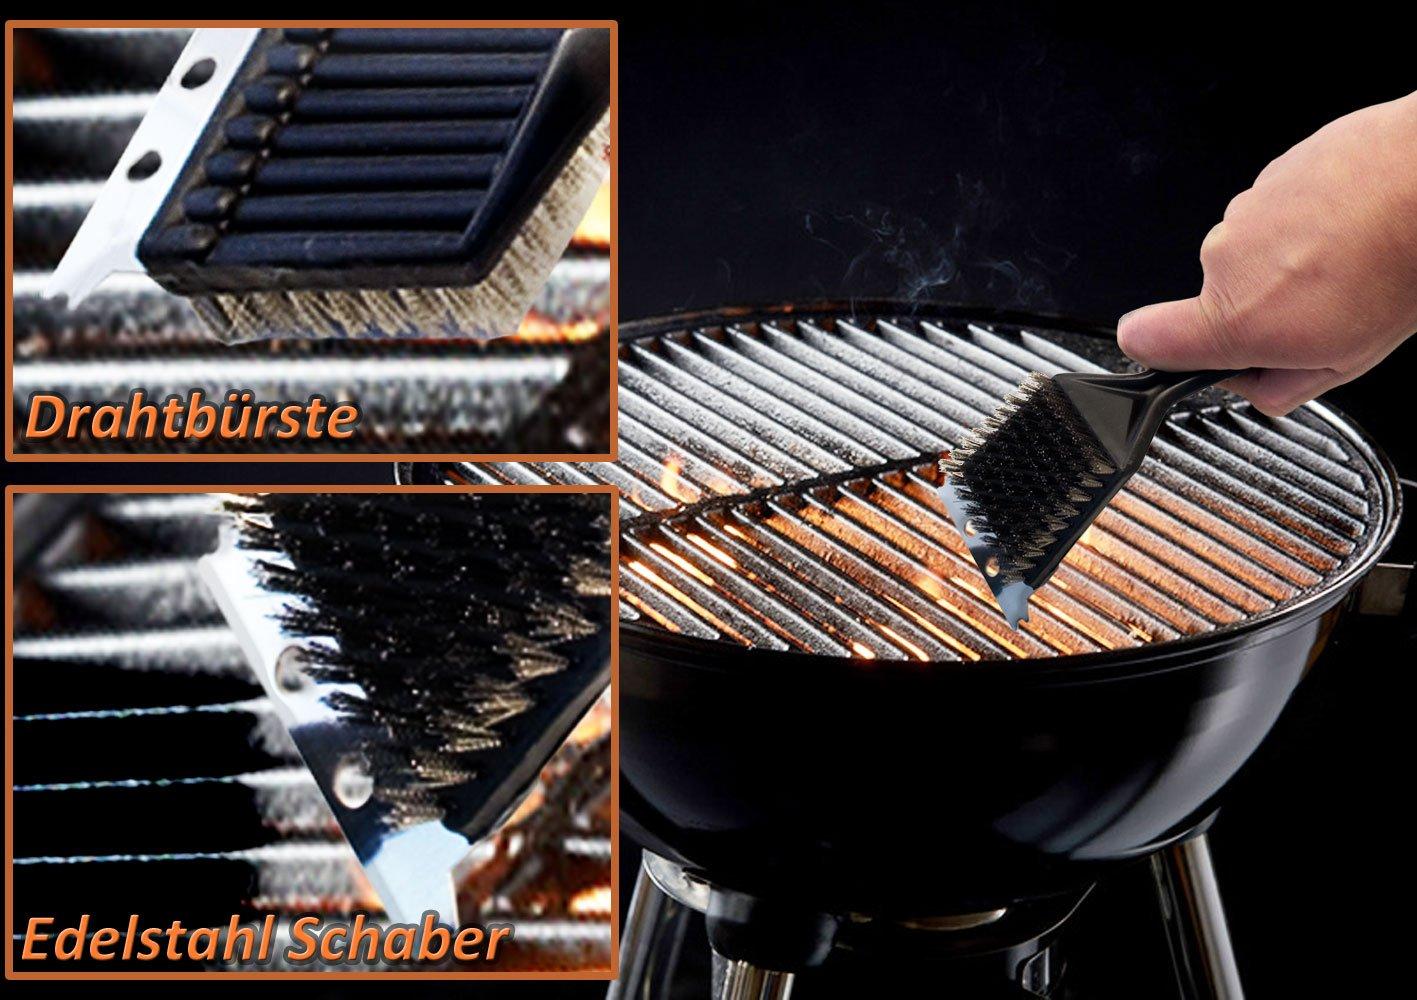 Grillbürste Xxl Grill Reinigungsbürste Mit Metallschaber Grillzubehör